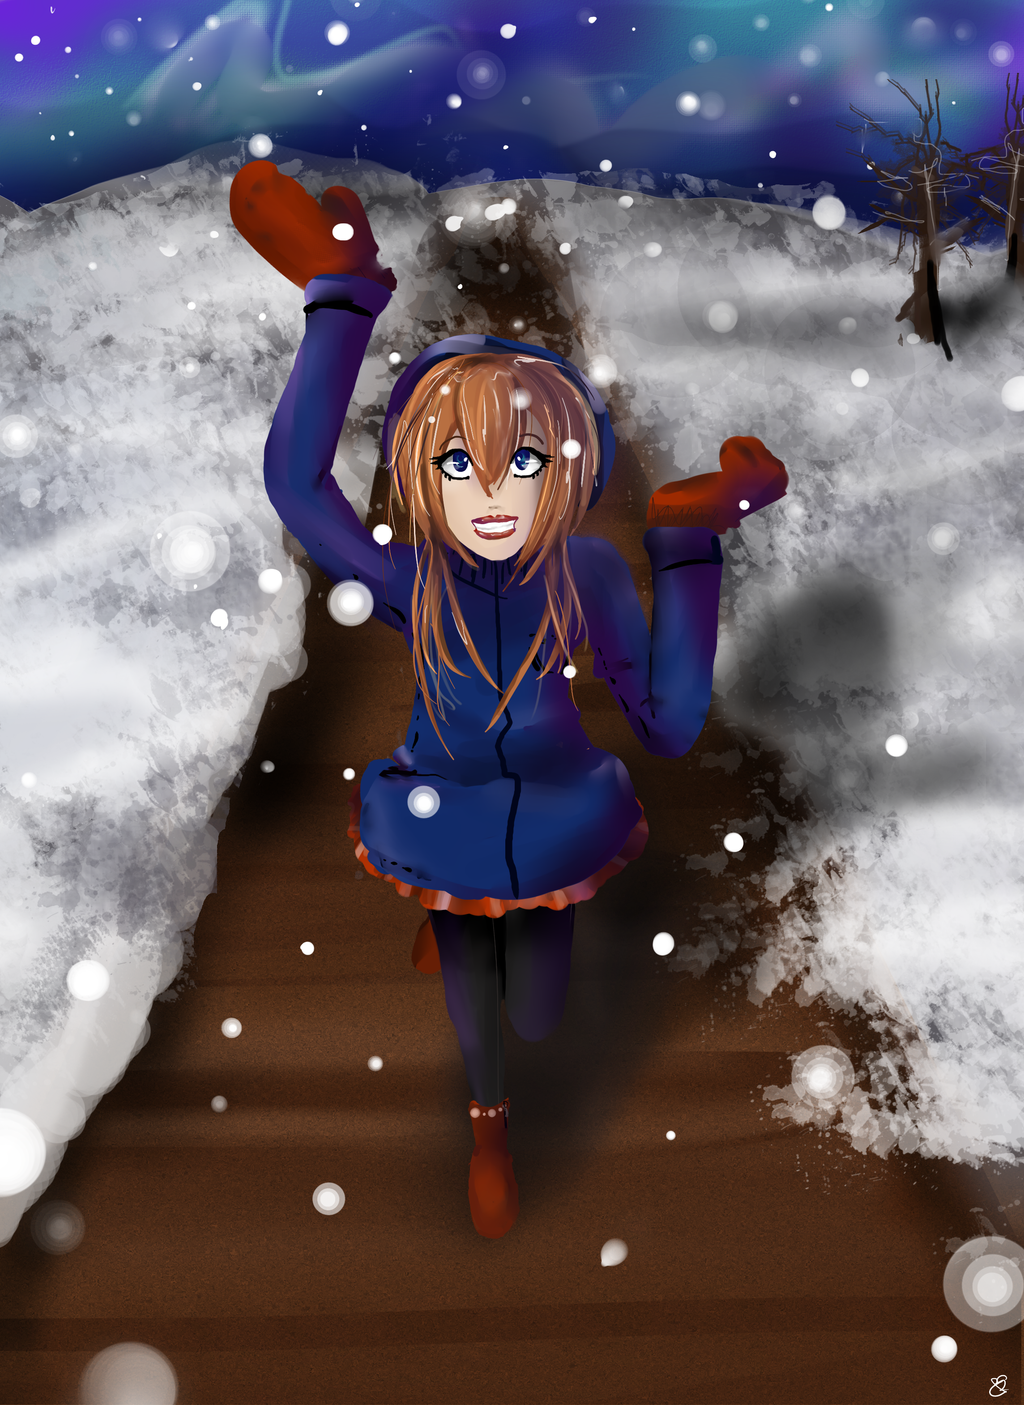 Let it snow by EmyKitteh